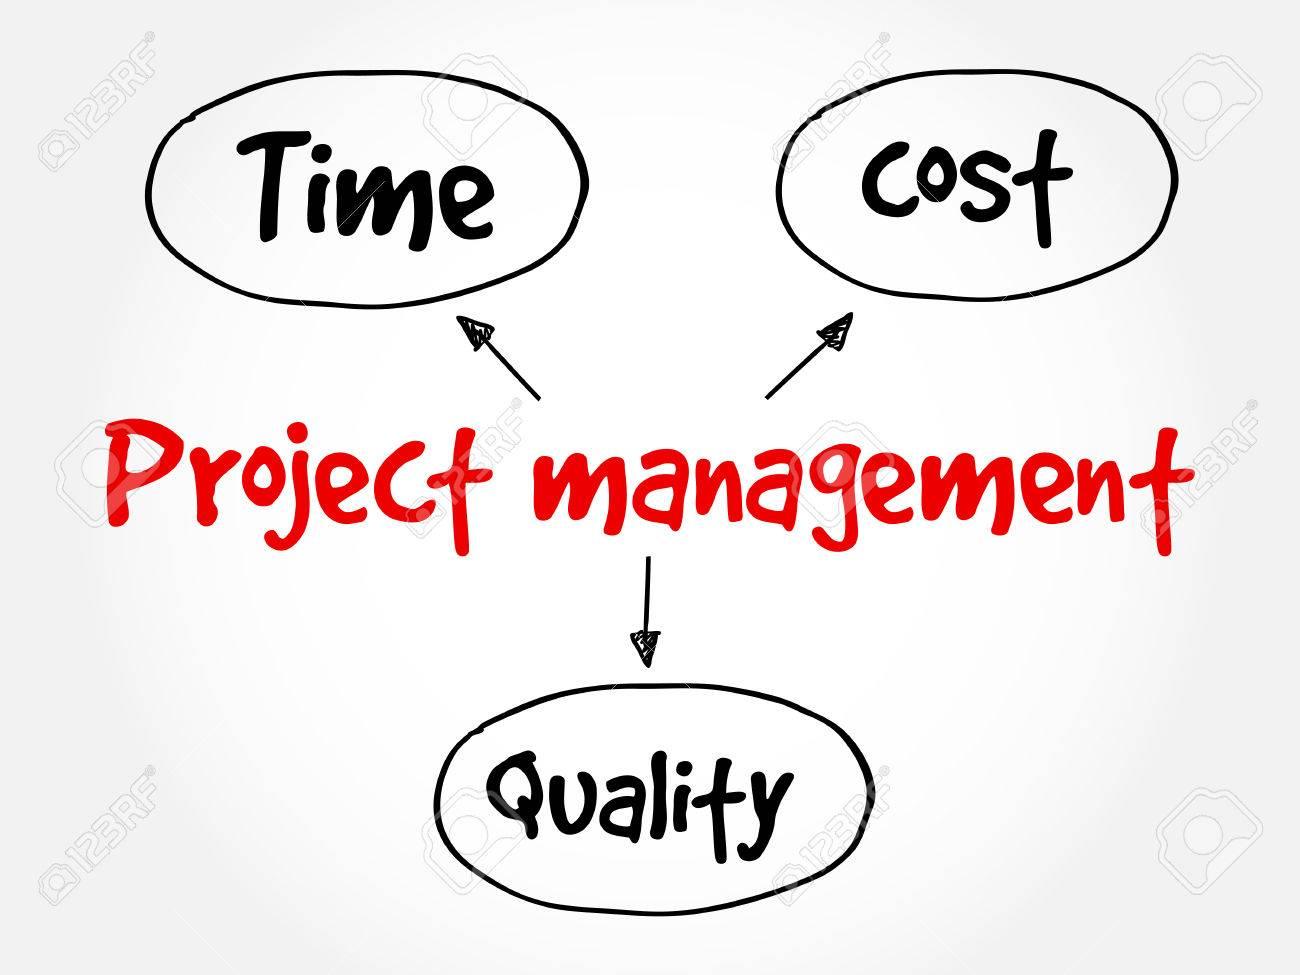 Gestin de proyectos tiempo de calidad coste mapa mental concepto foto de archivo gestin de proyectos tiempo de calidad coste mapa mental concepto de negocio diagrama de flujo para presentaciones e informes ccuart Images